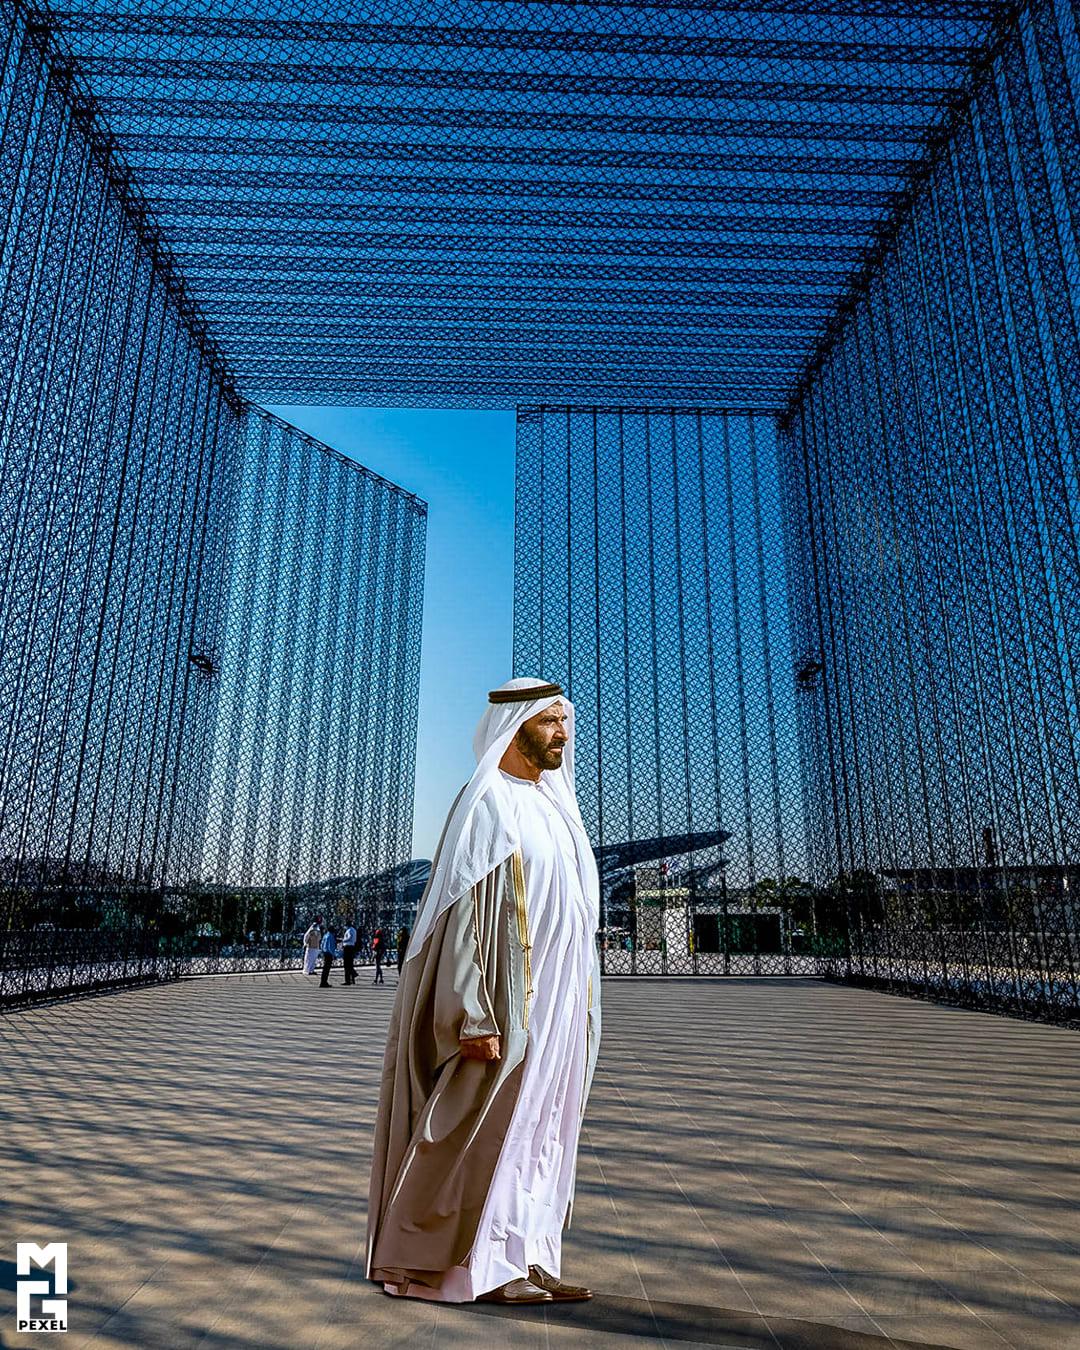 هكذا ظهر الشيخ زايد في موقع إكسبو 2020